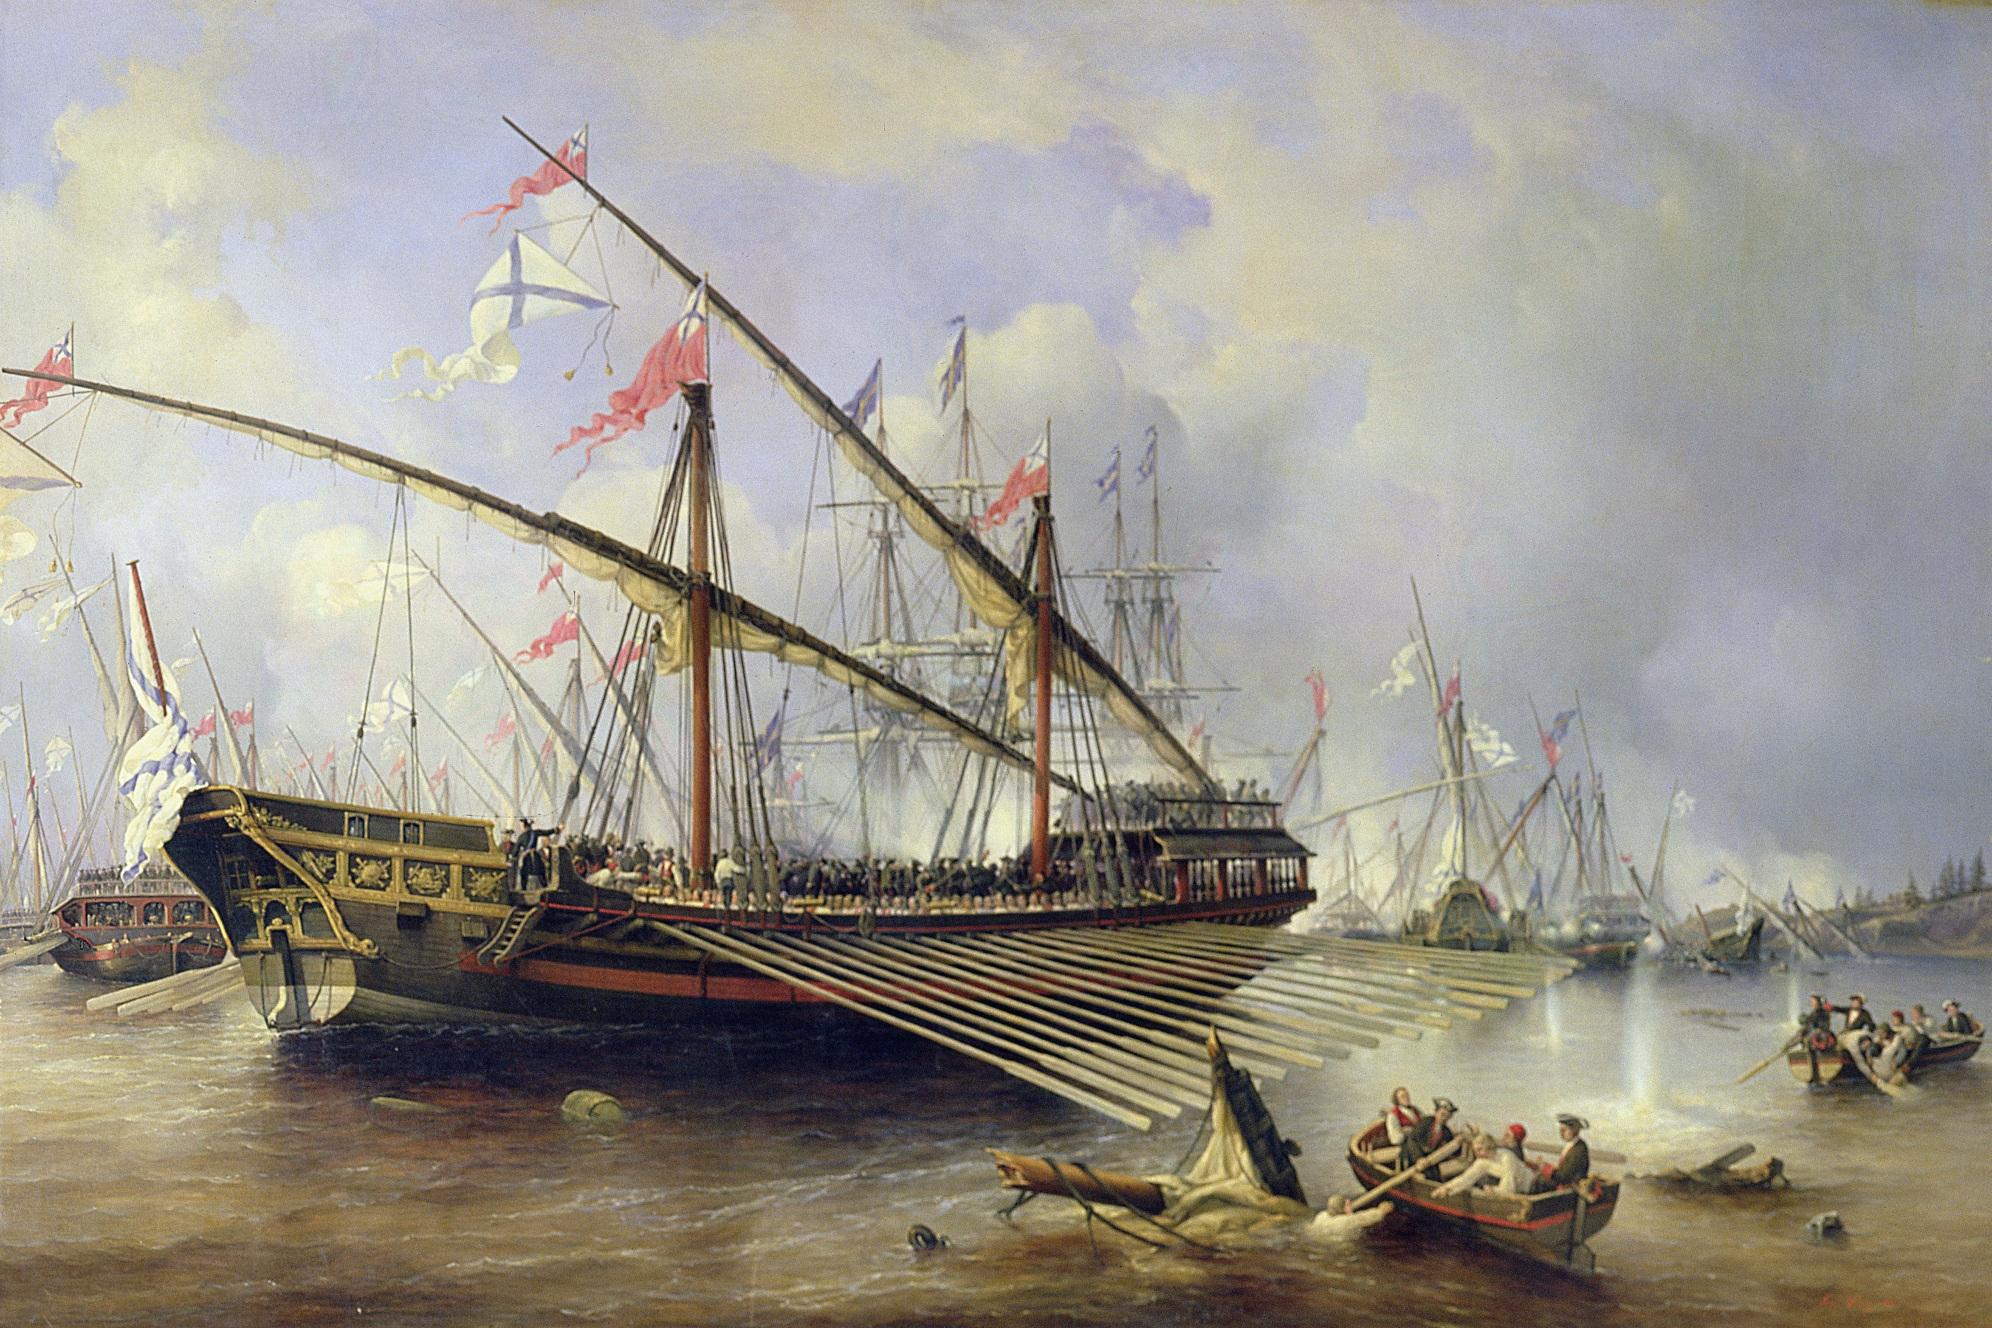 ANFALLET MOT SKÄRGÅRDEN - Galärflottan anfaller